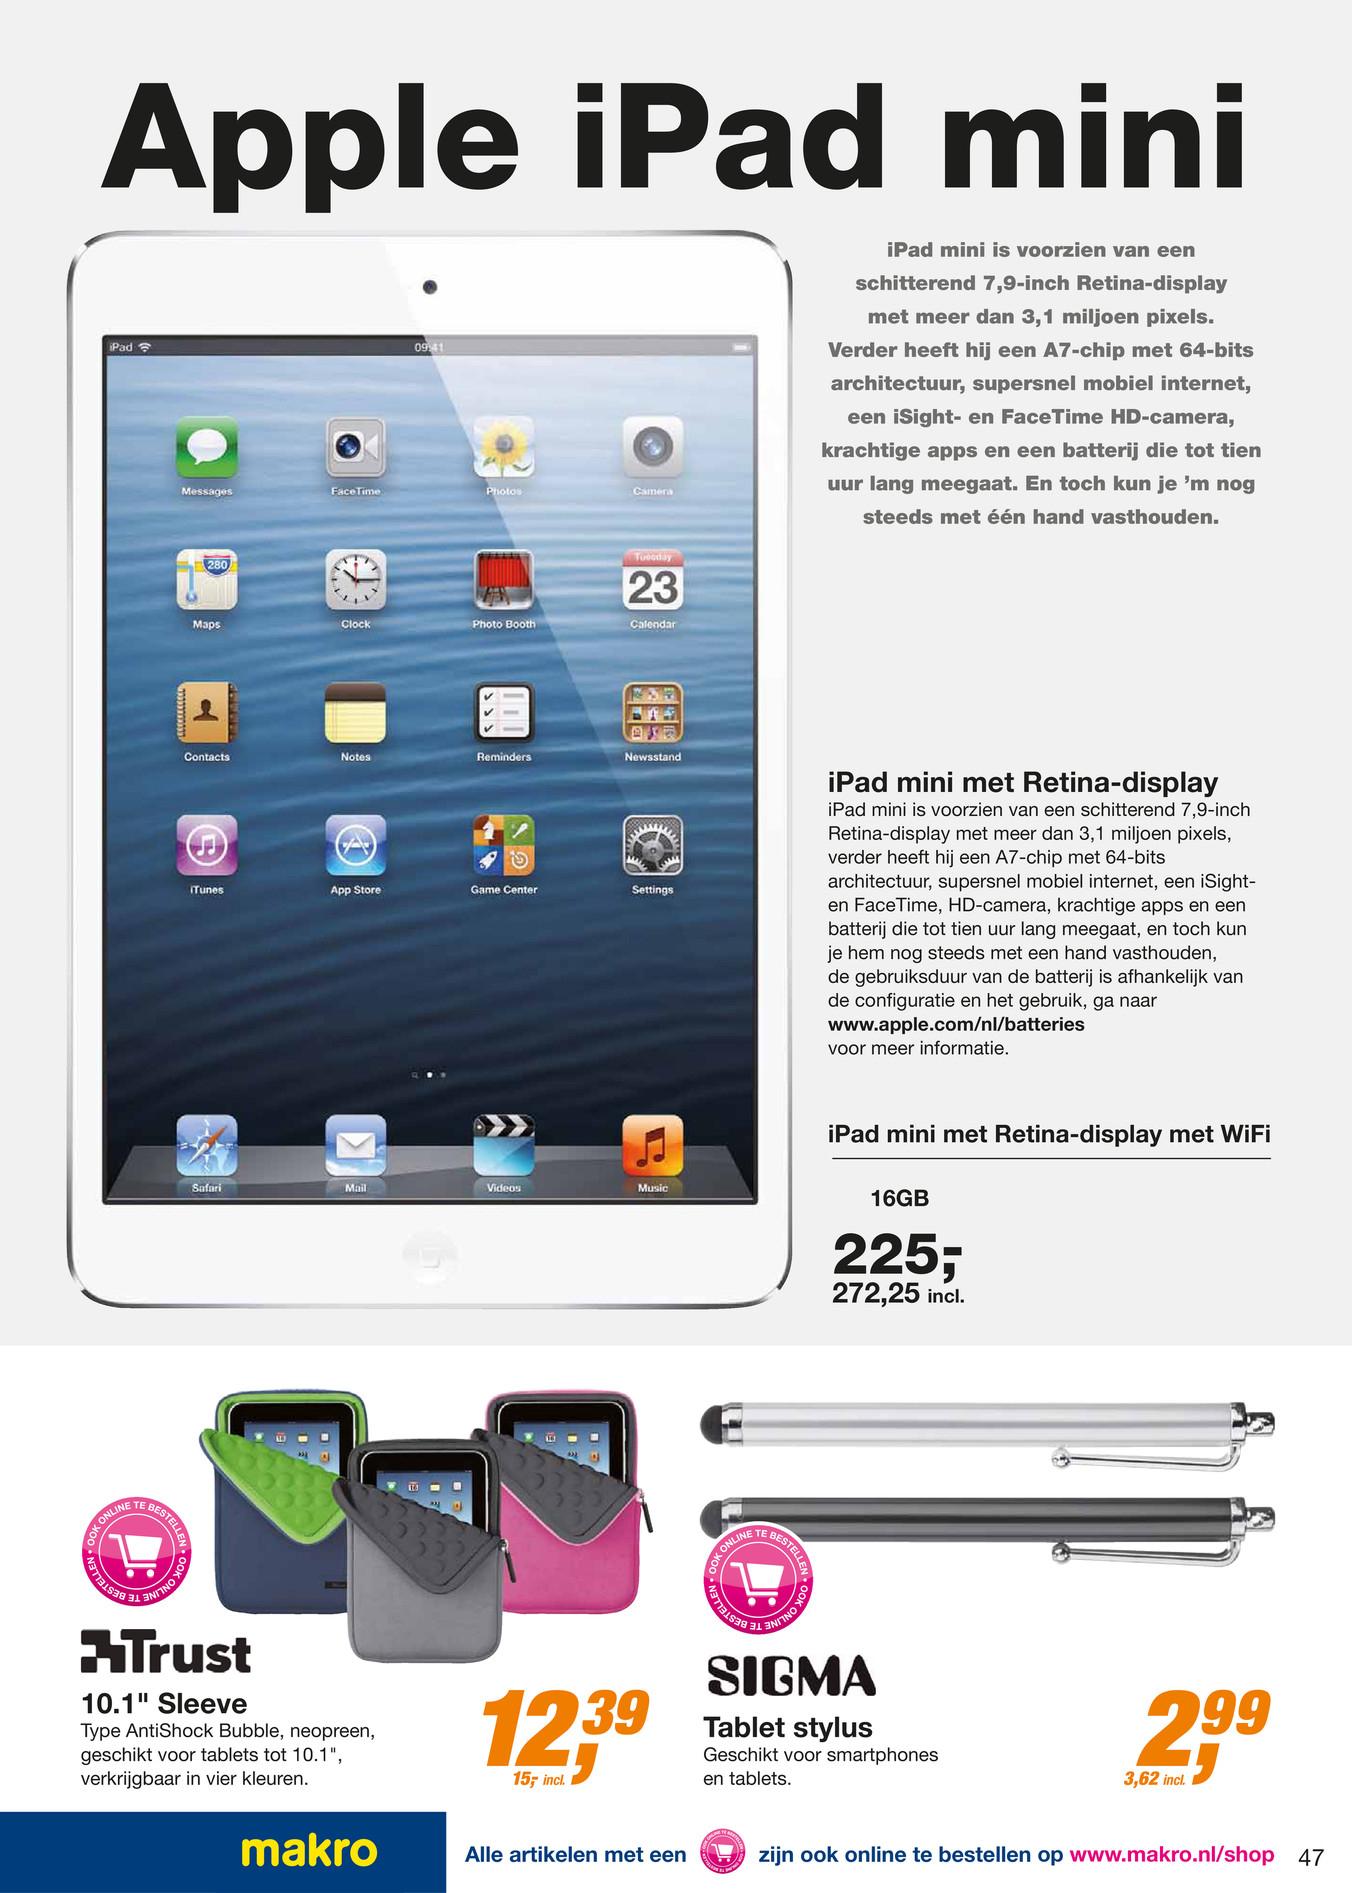 Apple iPad Mini Retina WiFi 16GB Zilver voor € 252,25 inclusief btw (prijsfout) @ Makro